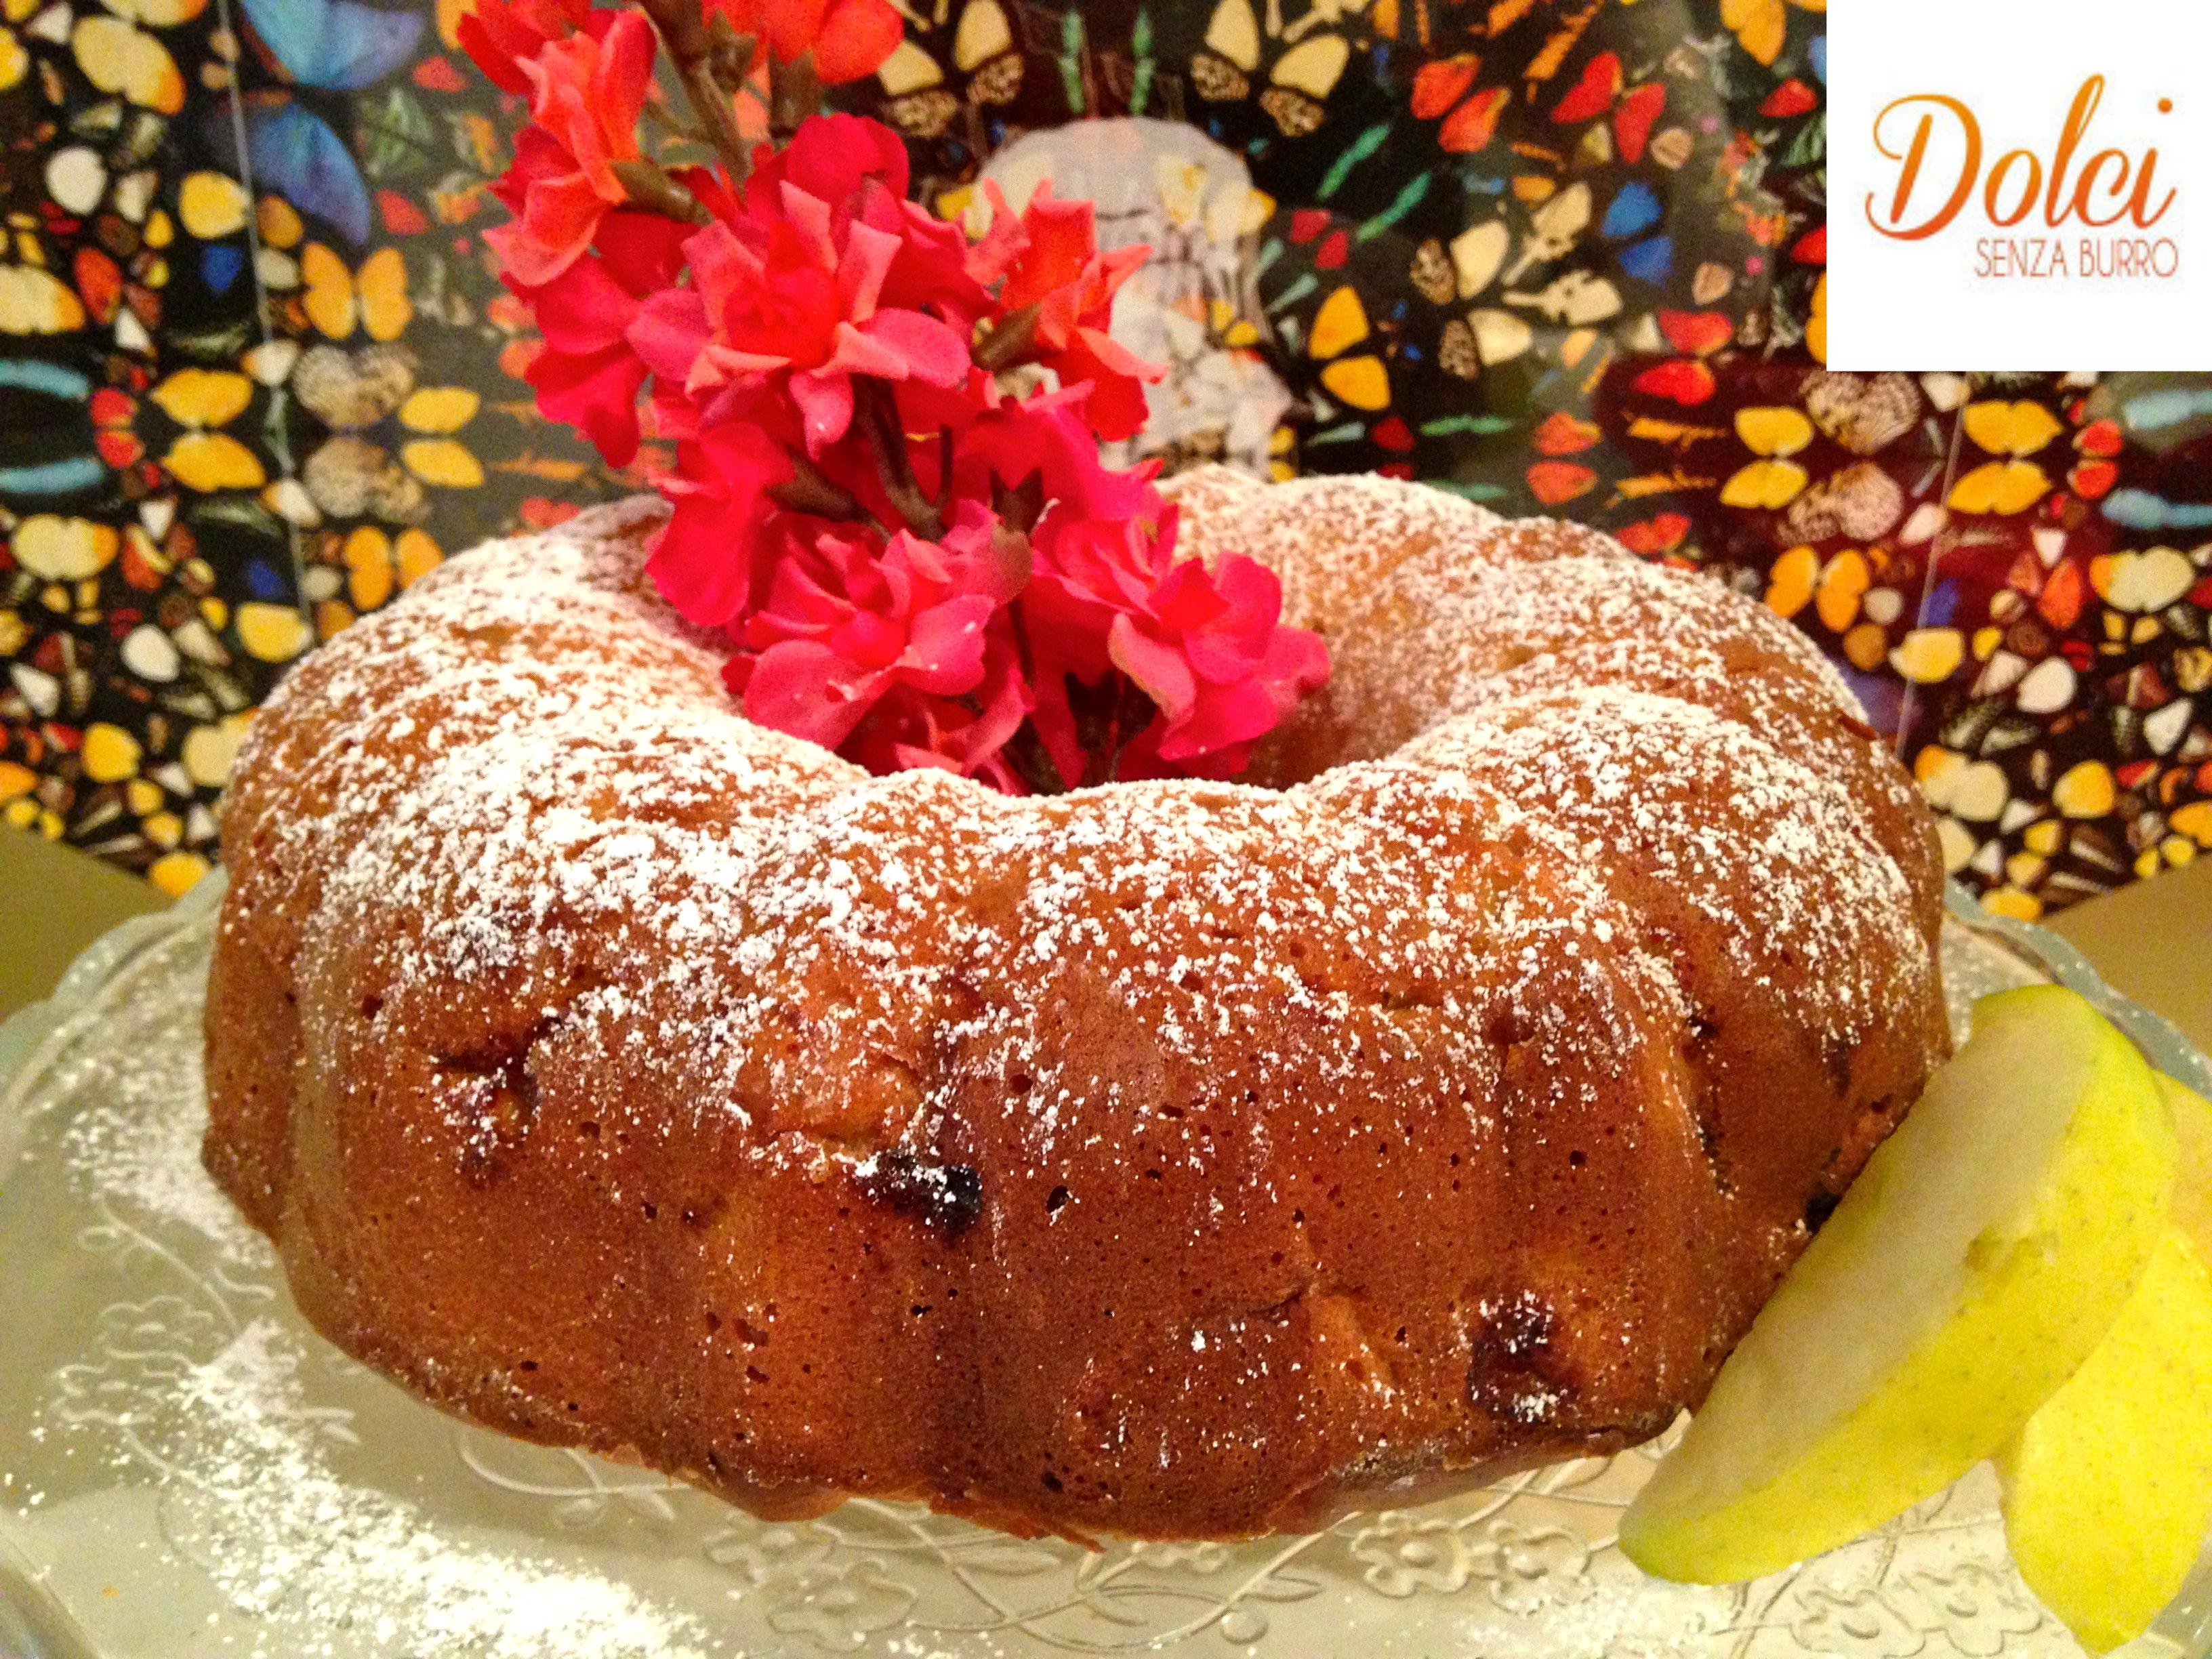 Ciambellone Senza Burro alle Mele e Cardamomo, un dolce speciale di dolci Senza Burro